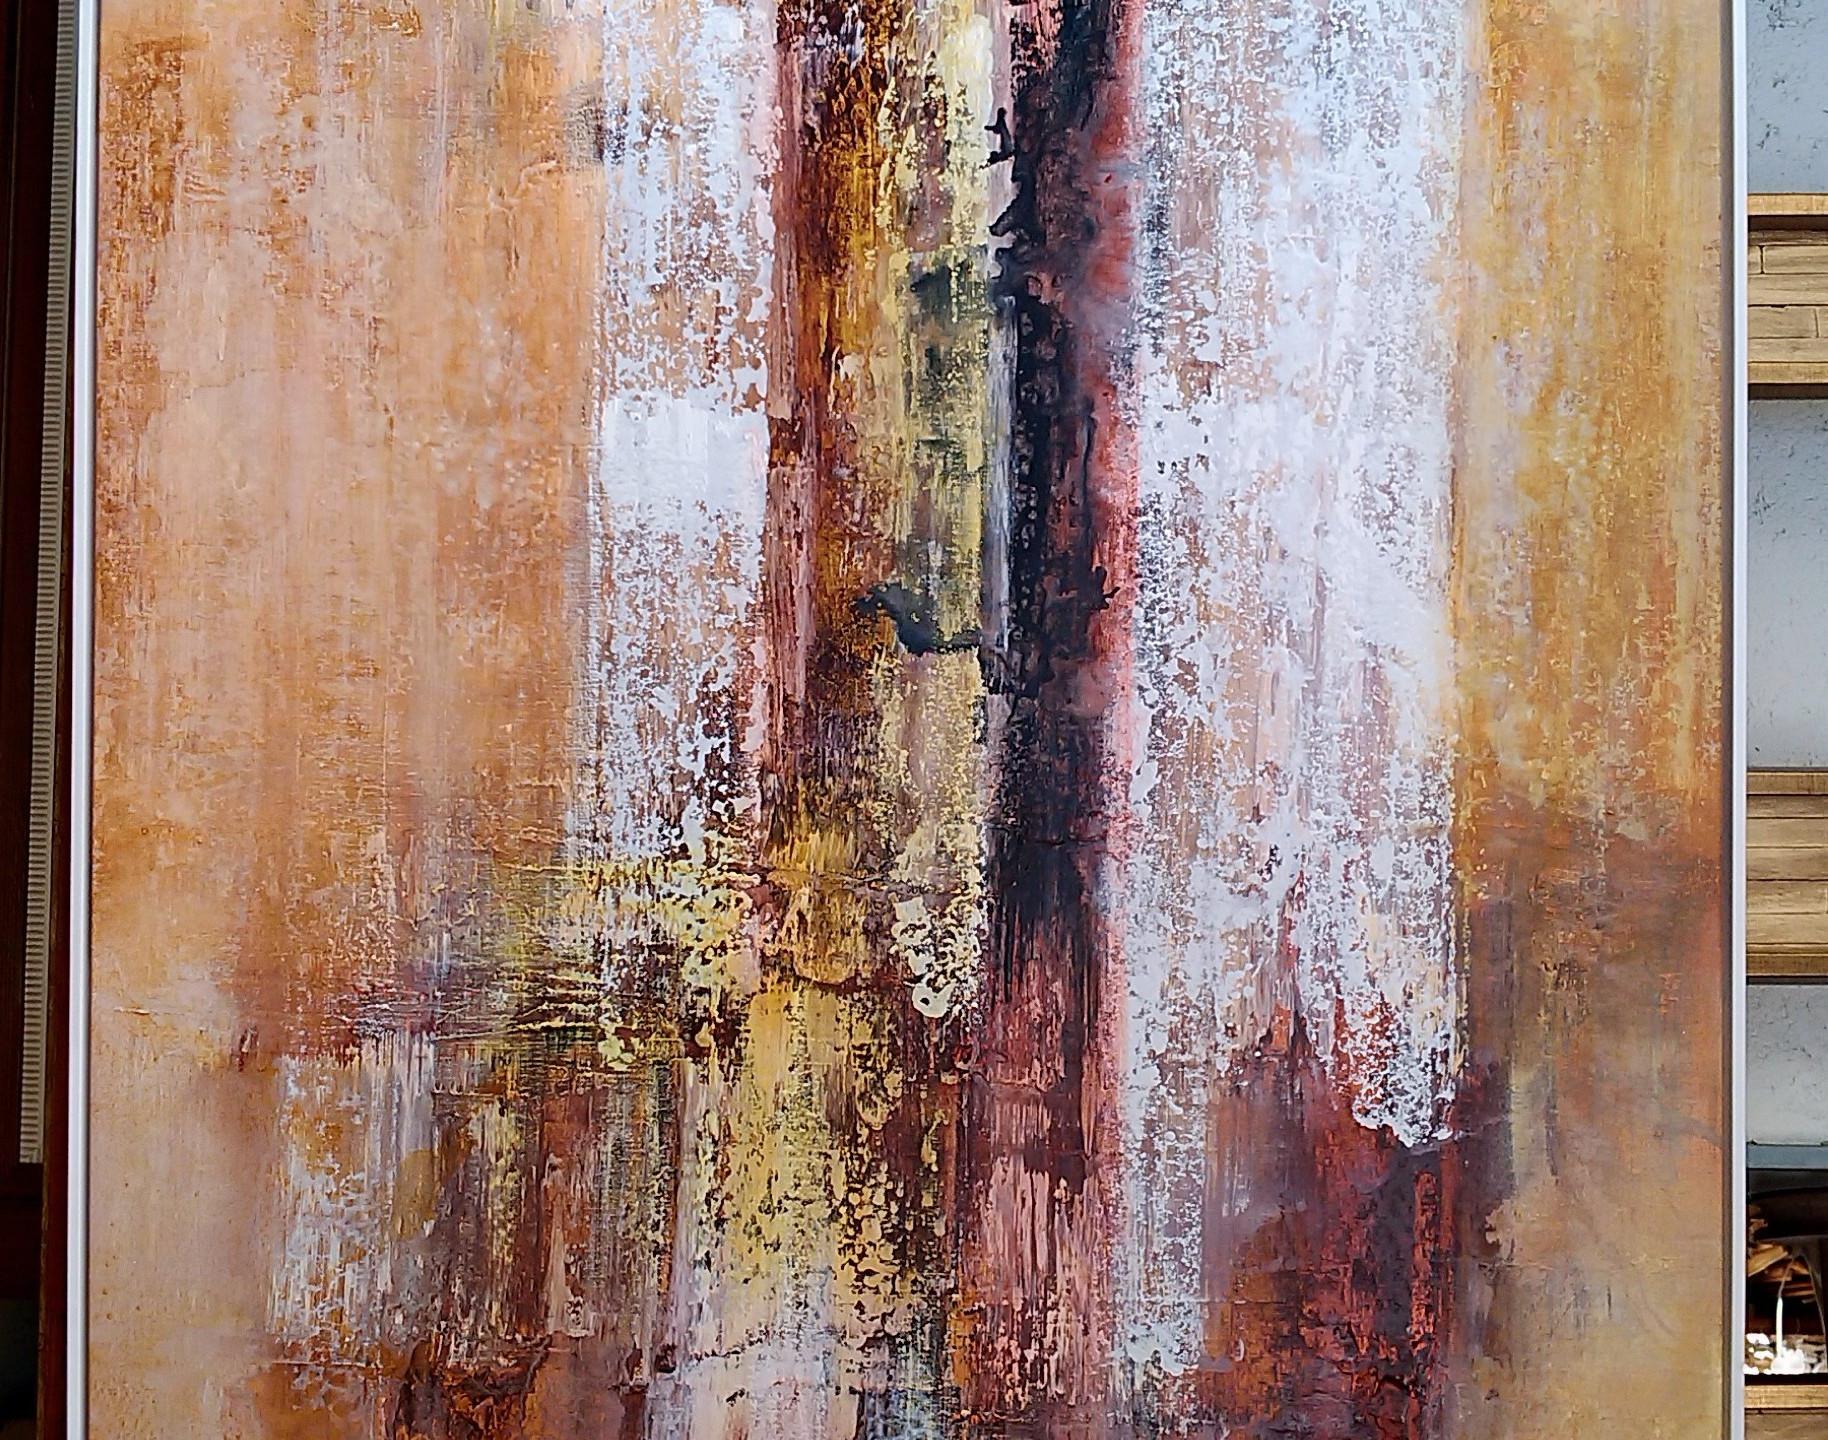 quadros abstratos na vertical (9)